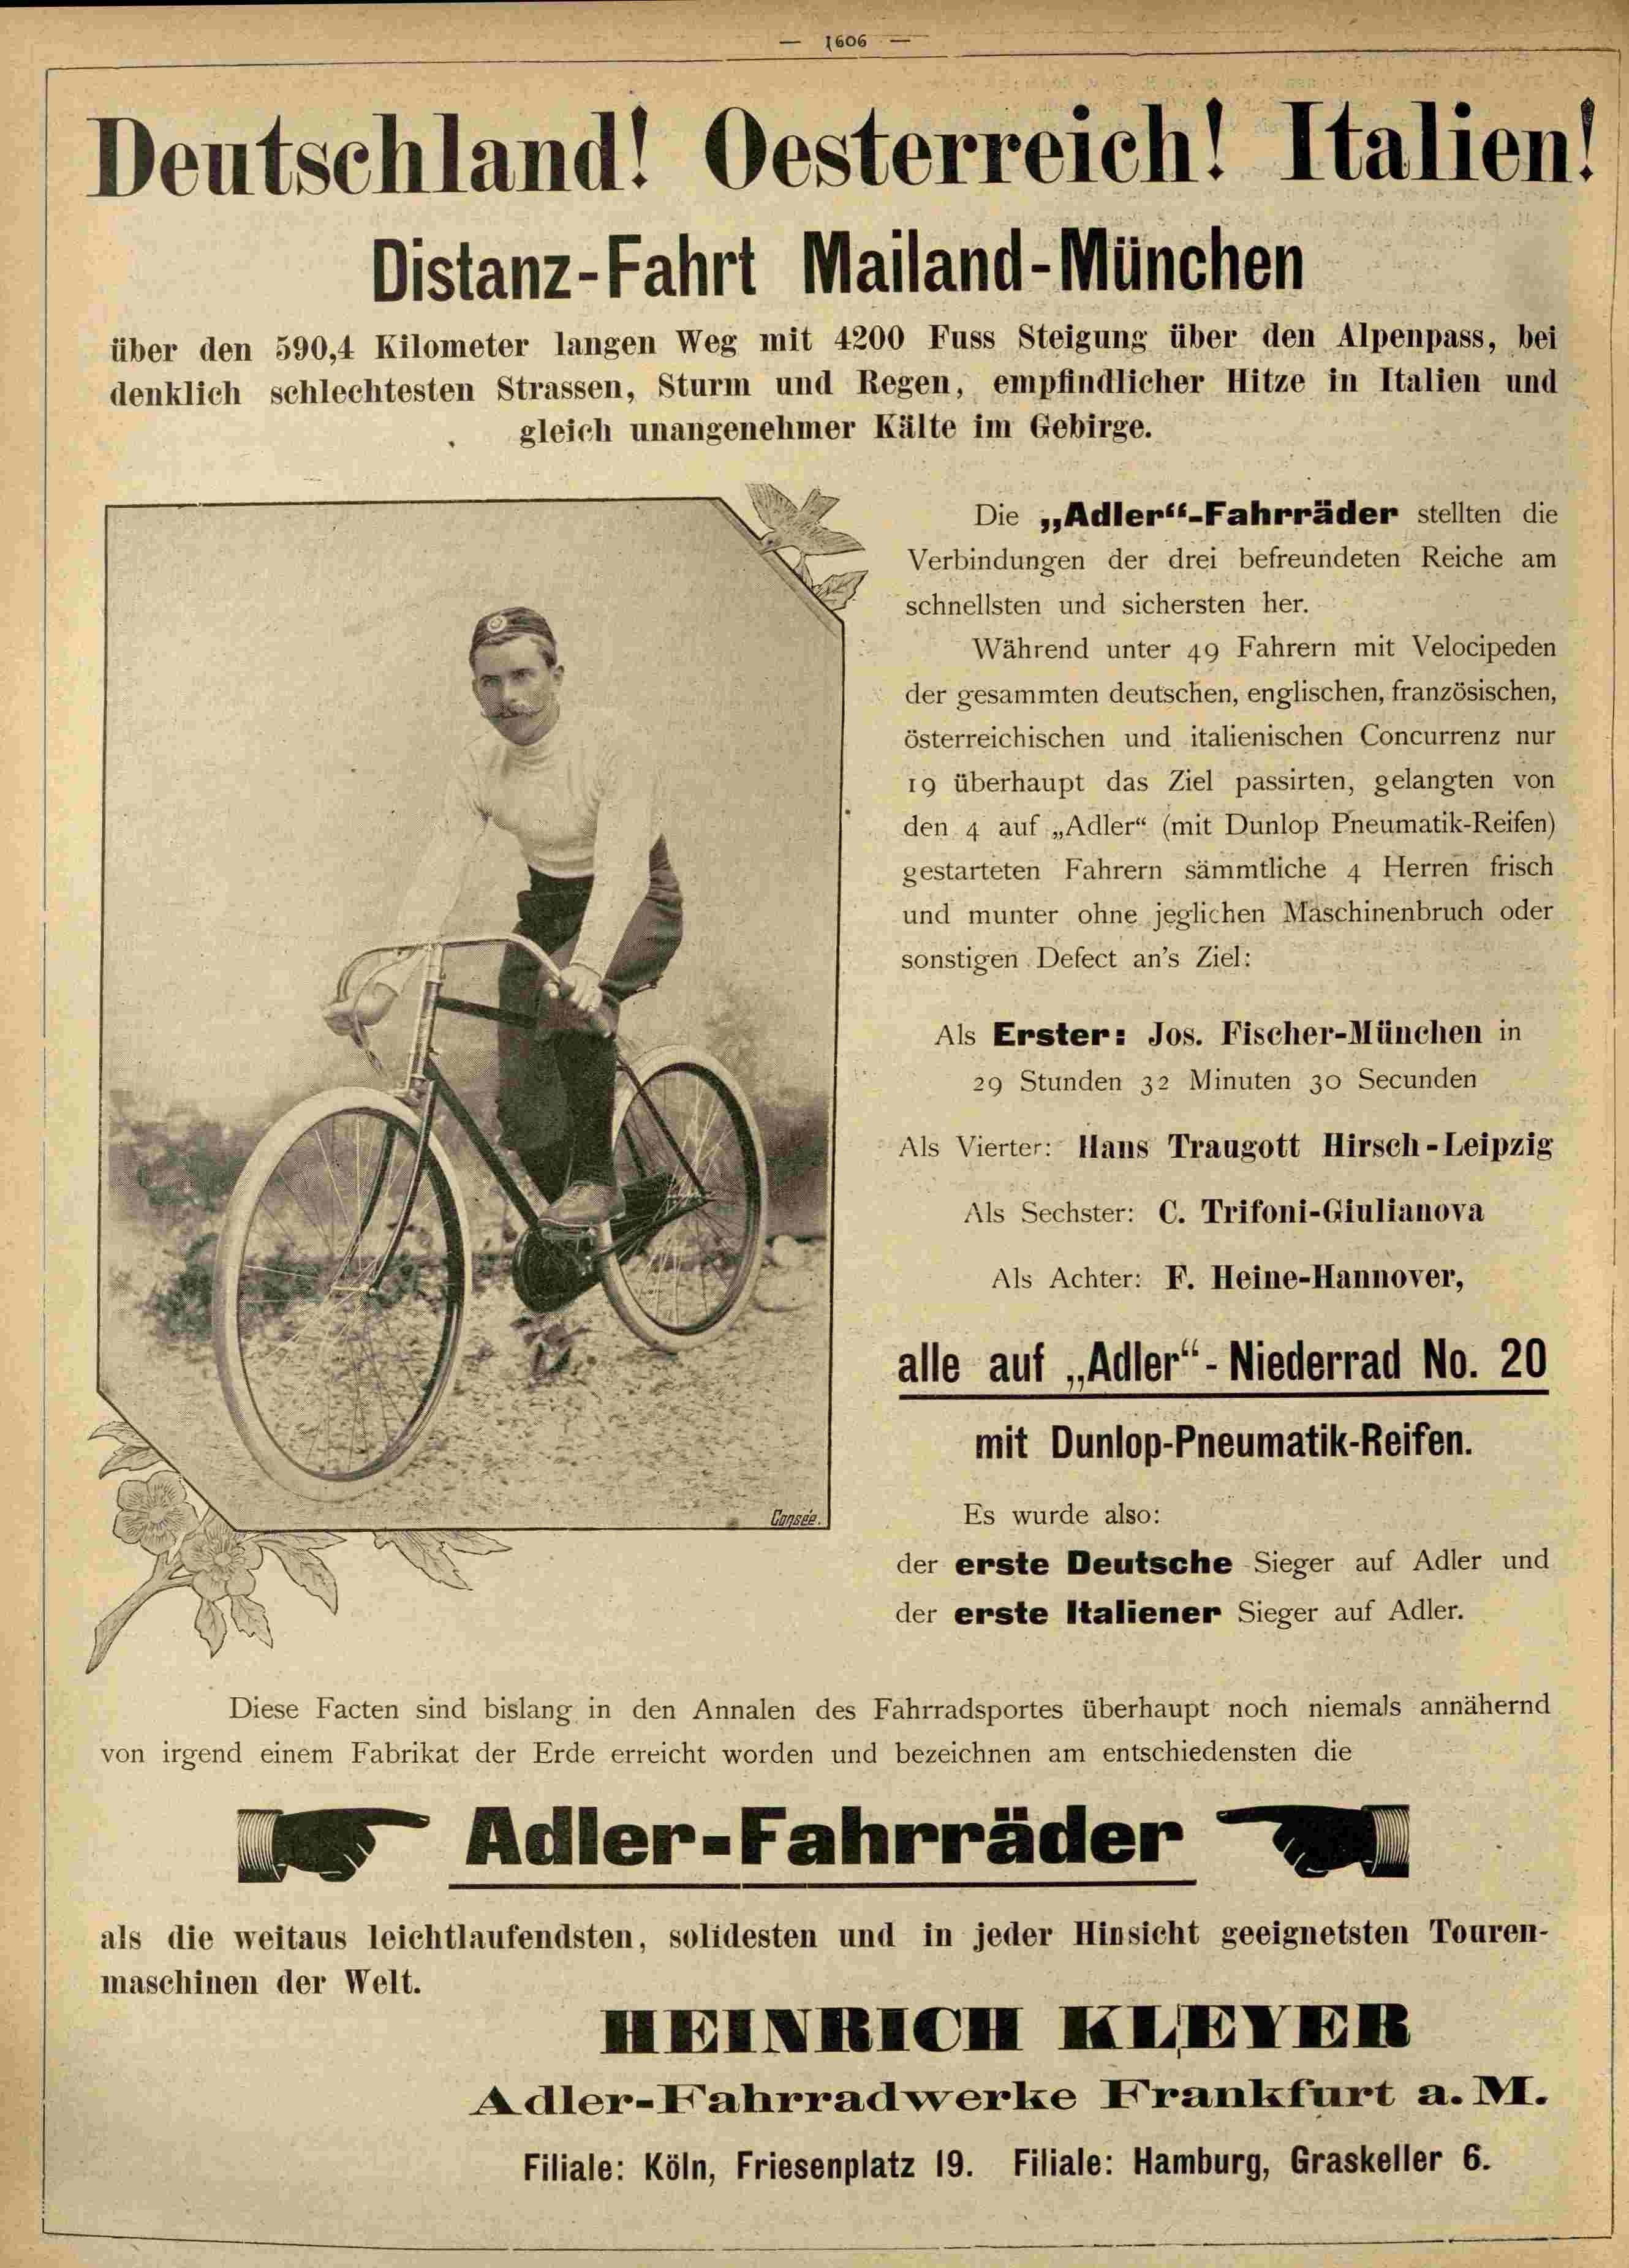 Josef Fischer gewinnt das Rennen Mailand-München auf einem Adler-Fahrrad